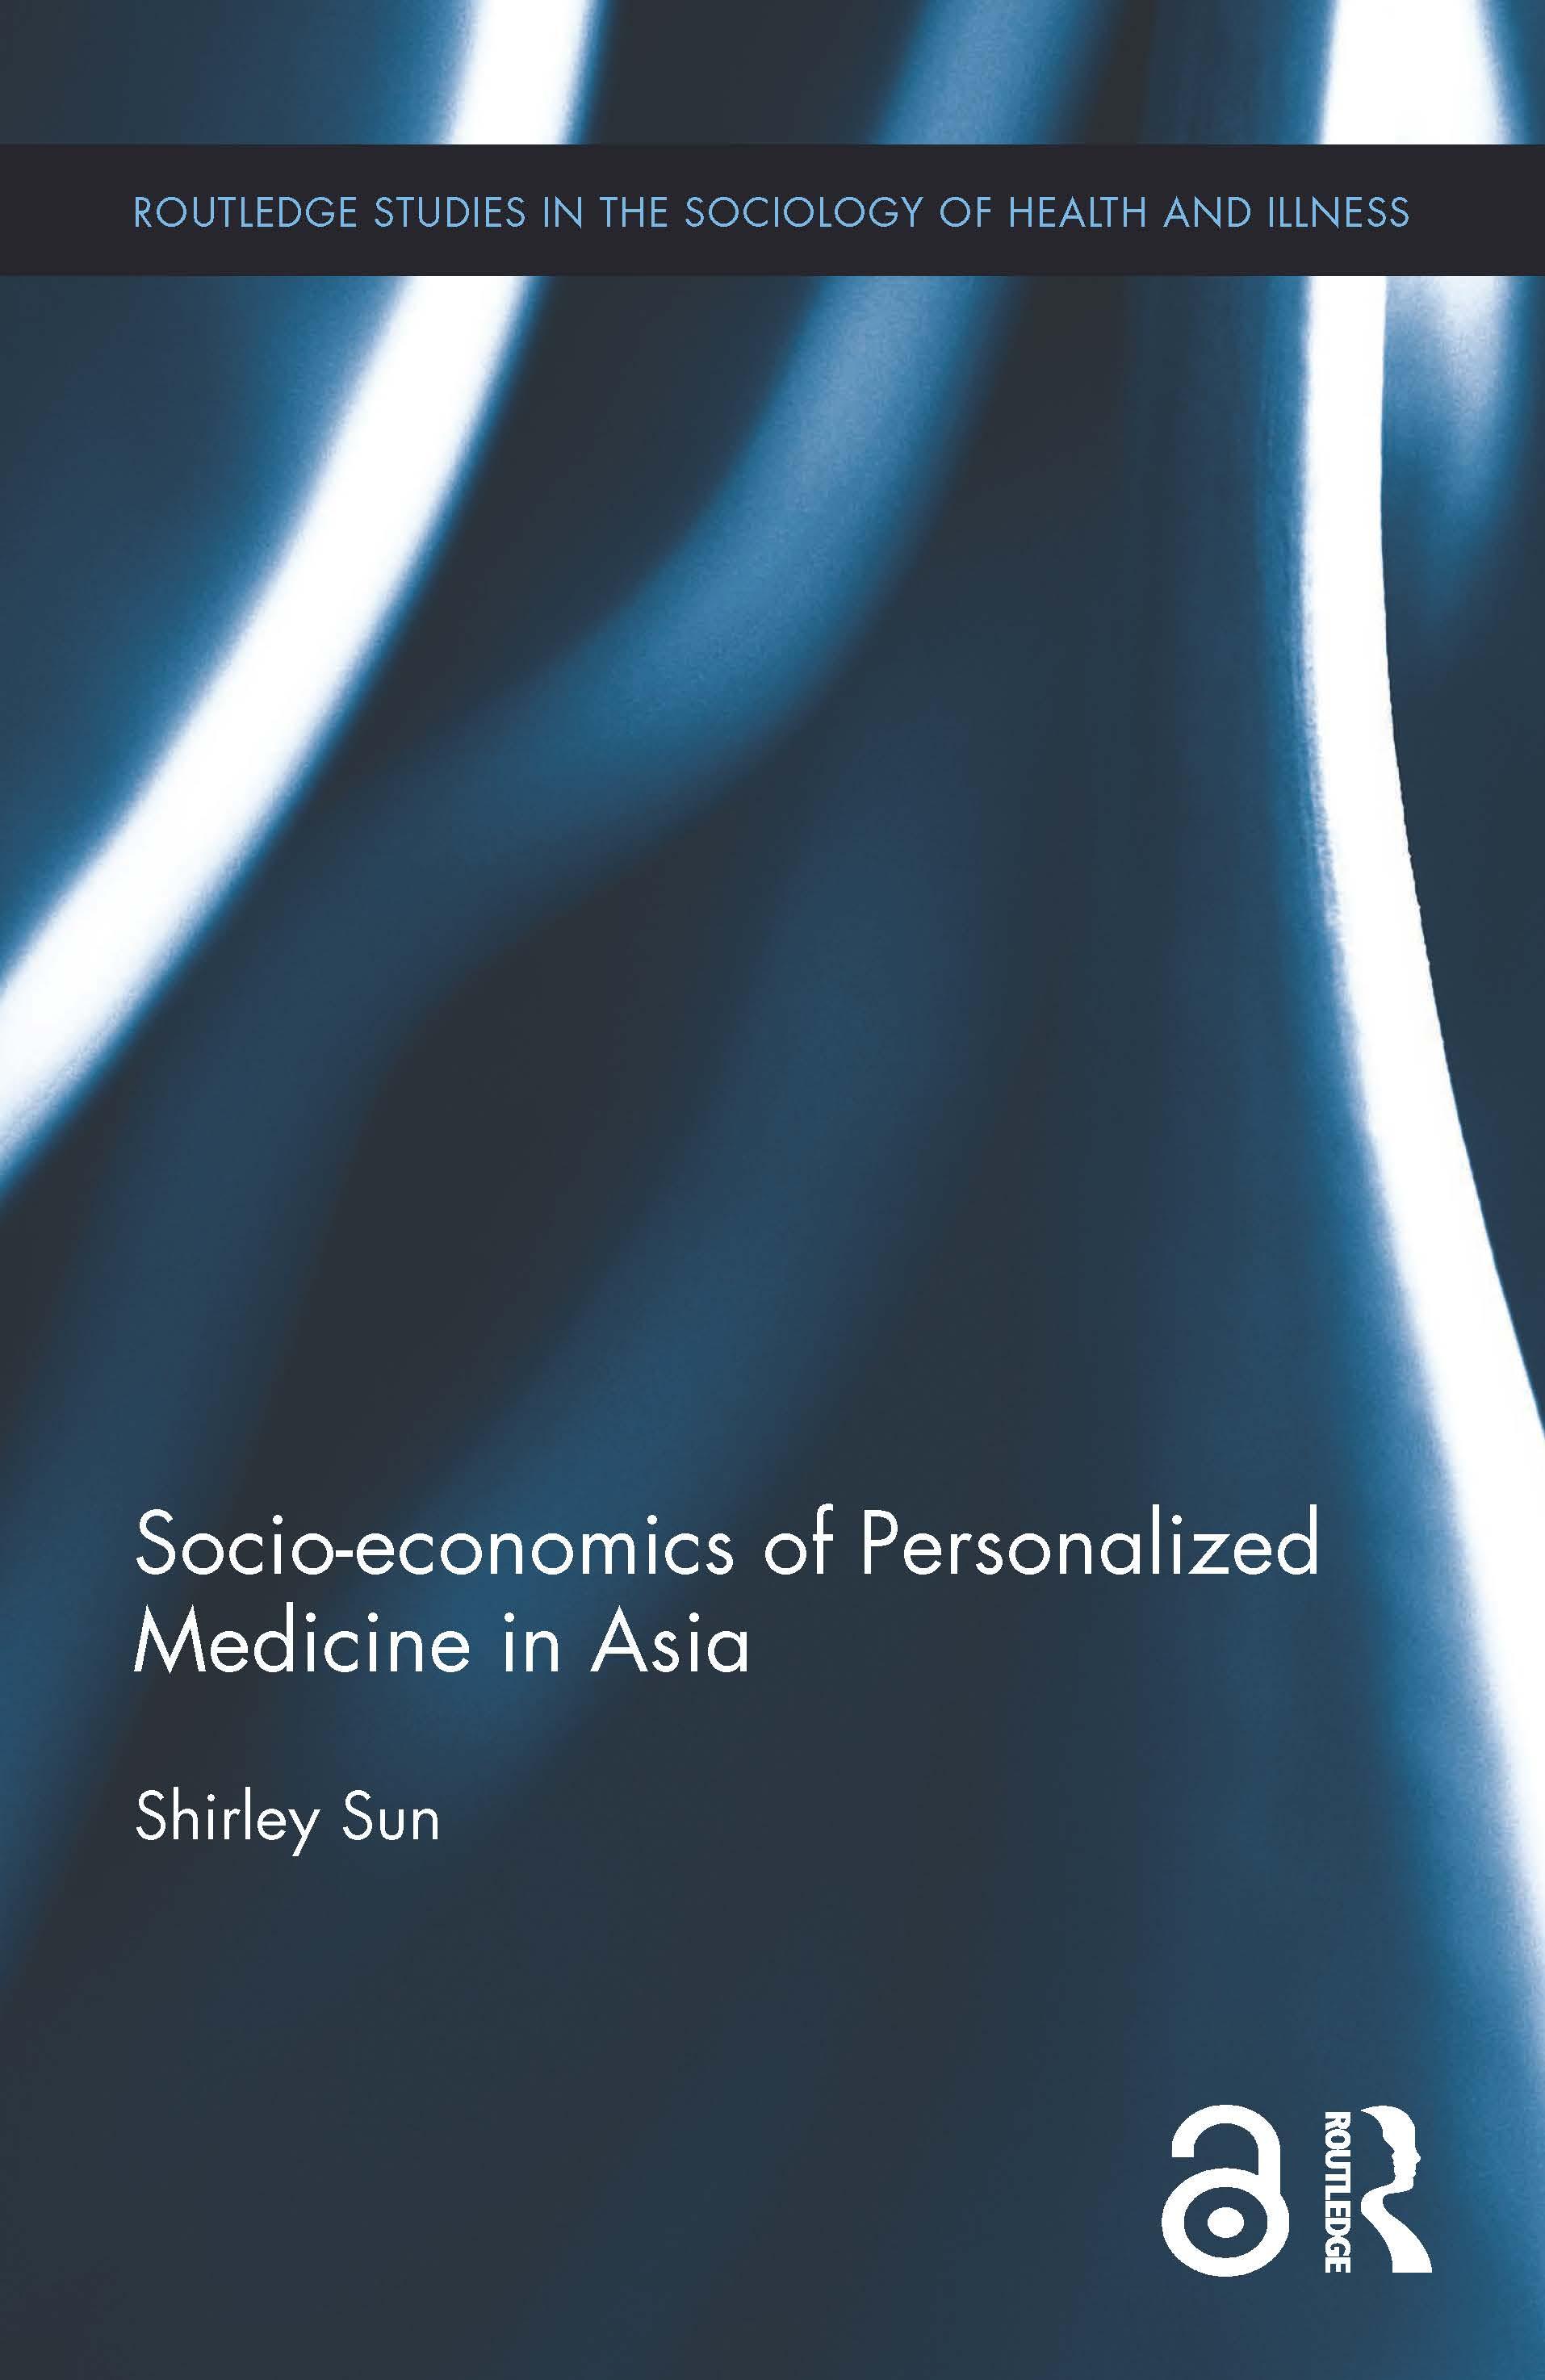 Socio-economics of Personalized Medicine in Asia book cover